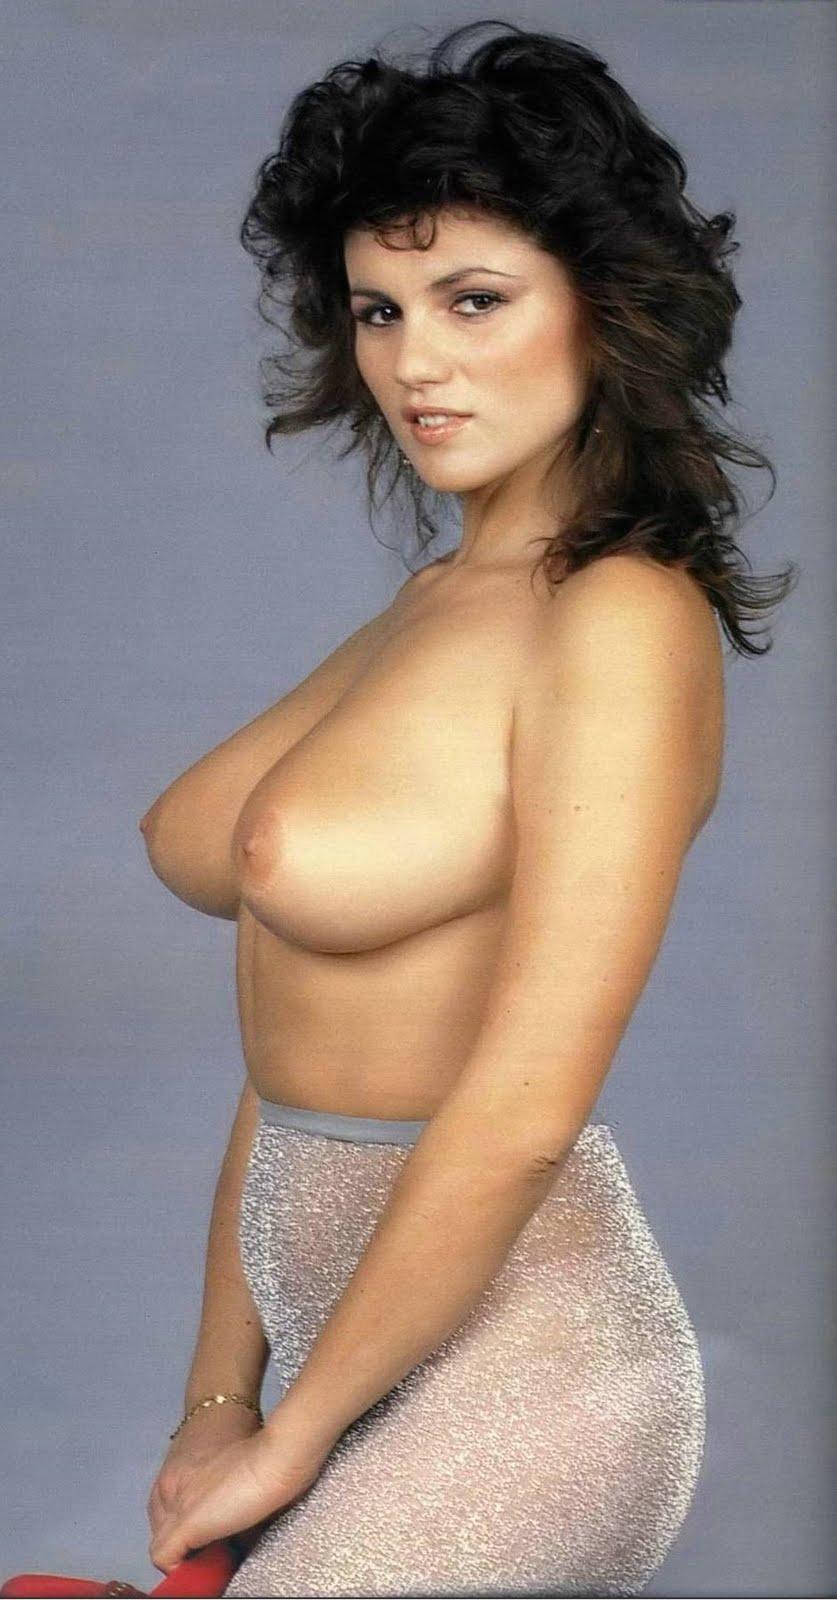 http://1.bp.blogspot.com/_IslX--mHFLg/TE4EpNk4bmI/AAAAAAAAC_o/X08OPL96HNg/s1600/Serena+Grandi+6.jpg